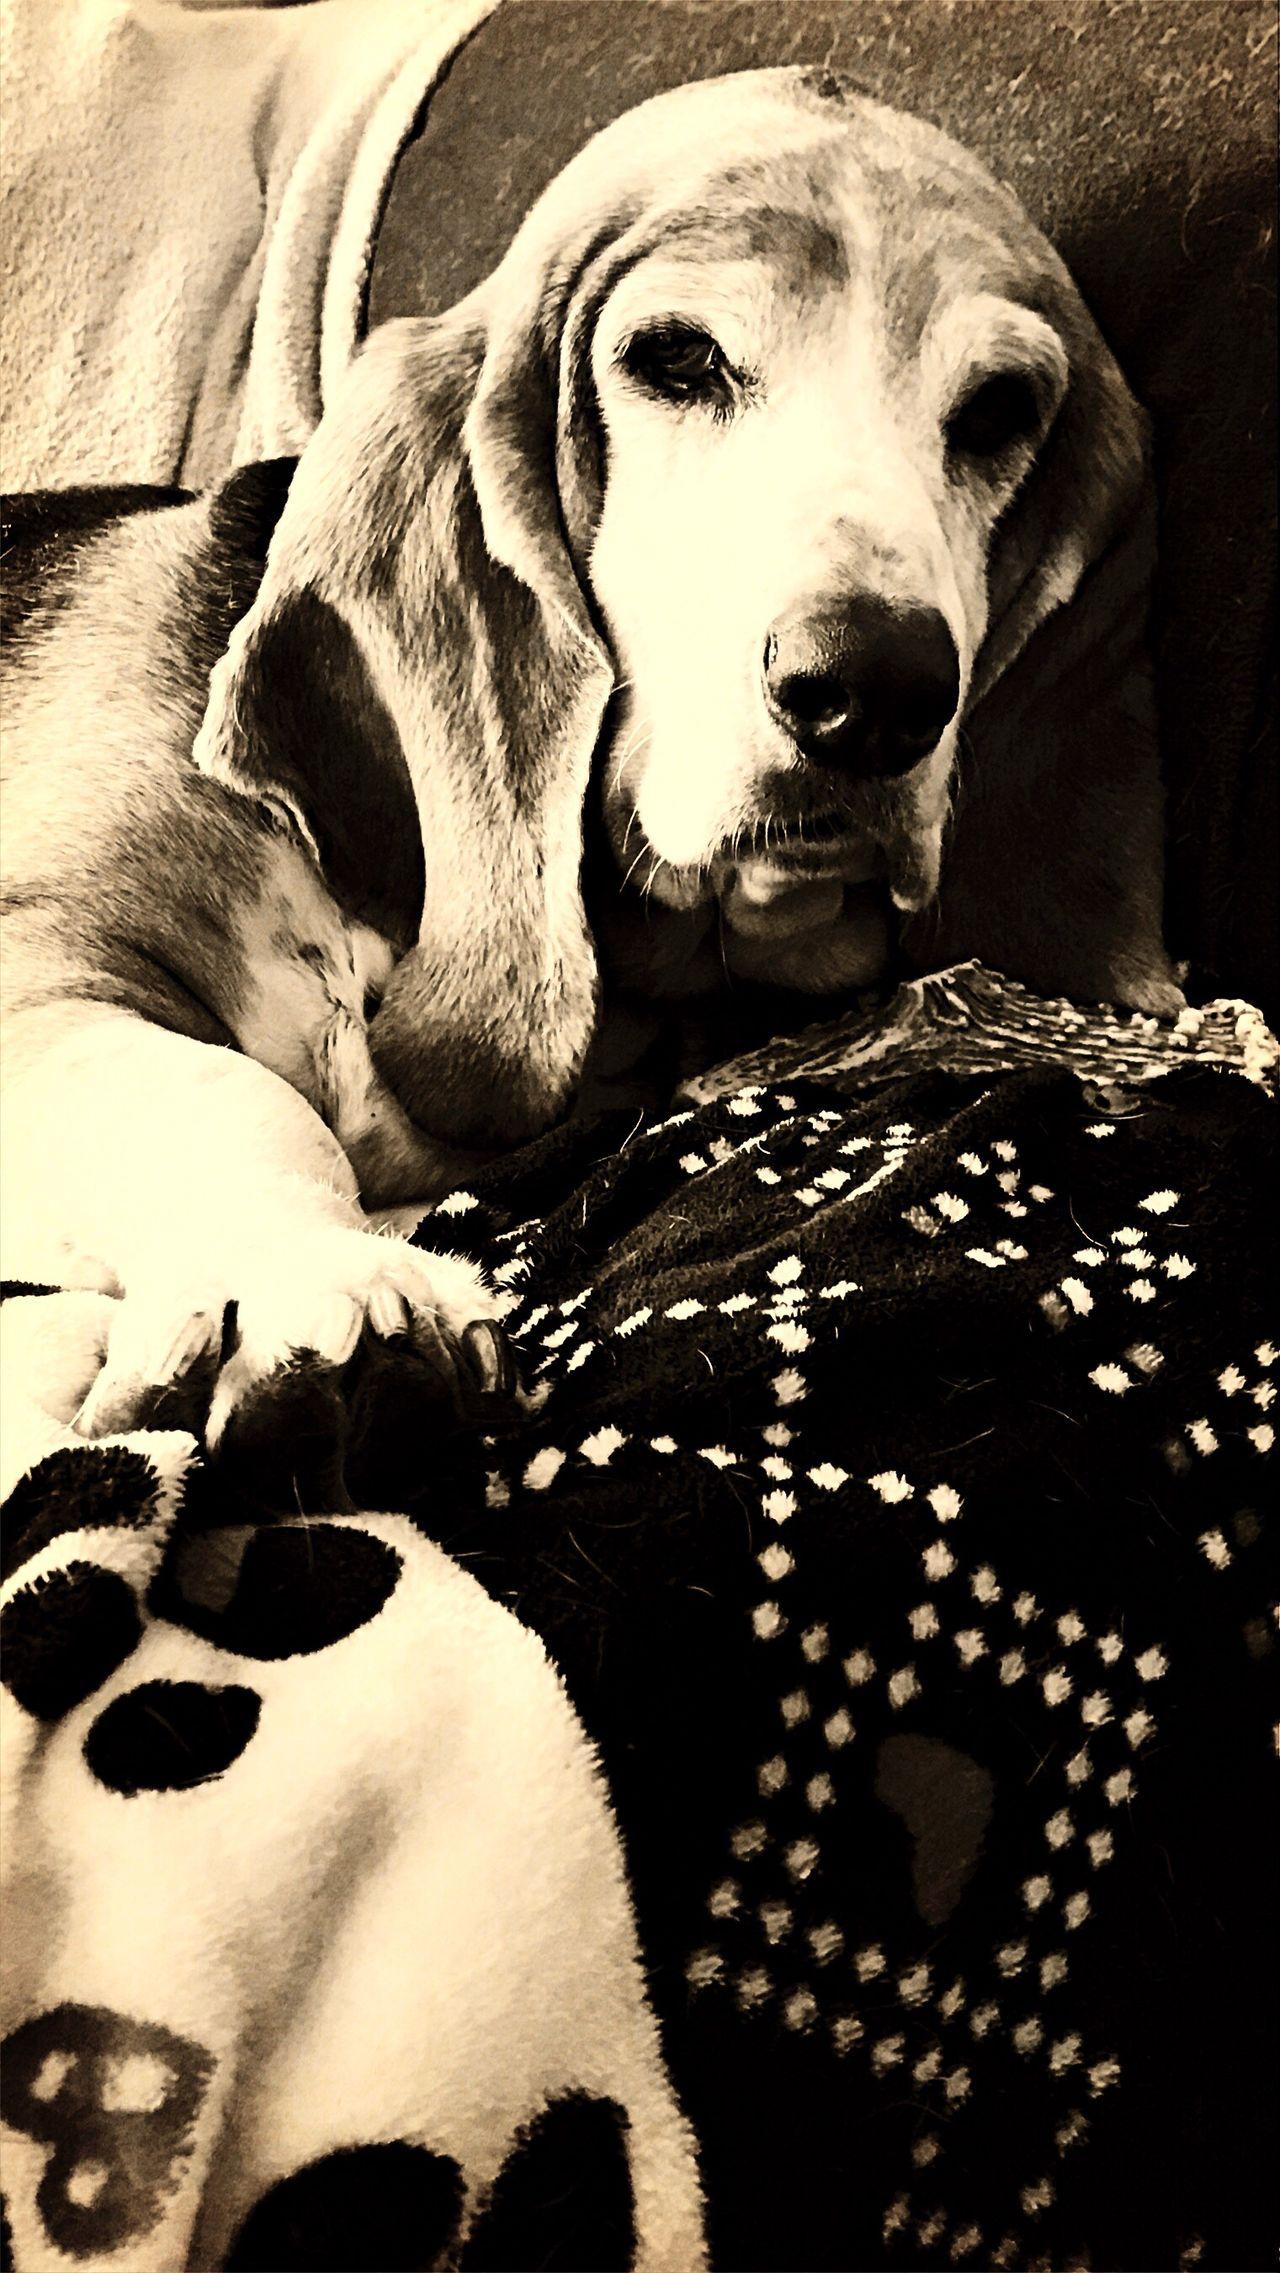 Look who woke up❤️ Pets Dog Domestic Animals One Animal Indoors  Close-up Seniorhoundsrock PortraitPhotography Iphone7 Camerafilters Bassethoundsare Best Ilovemybassethounds Bassetmoments